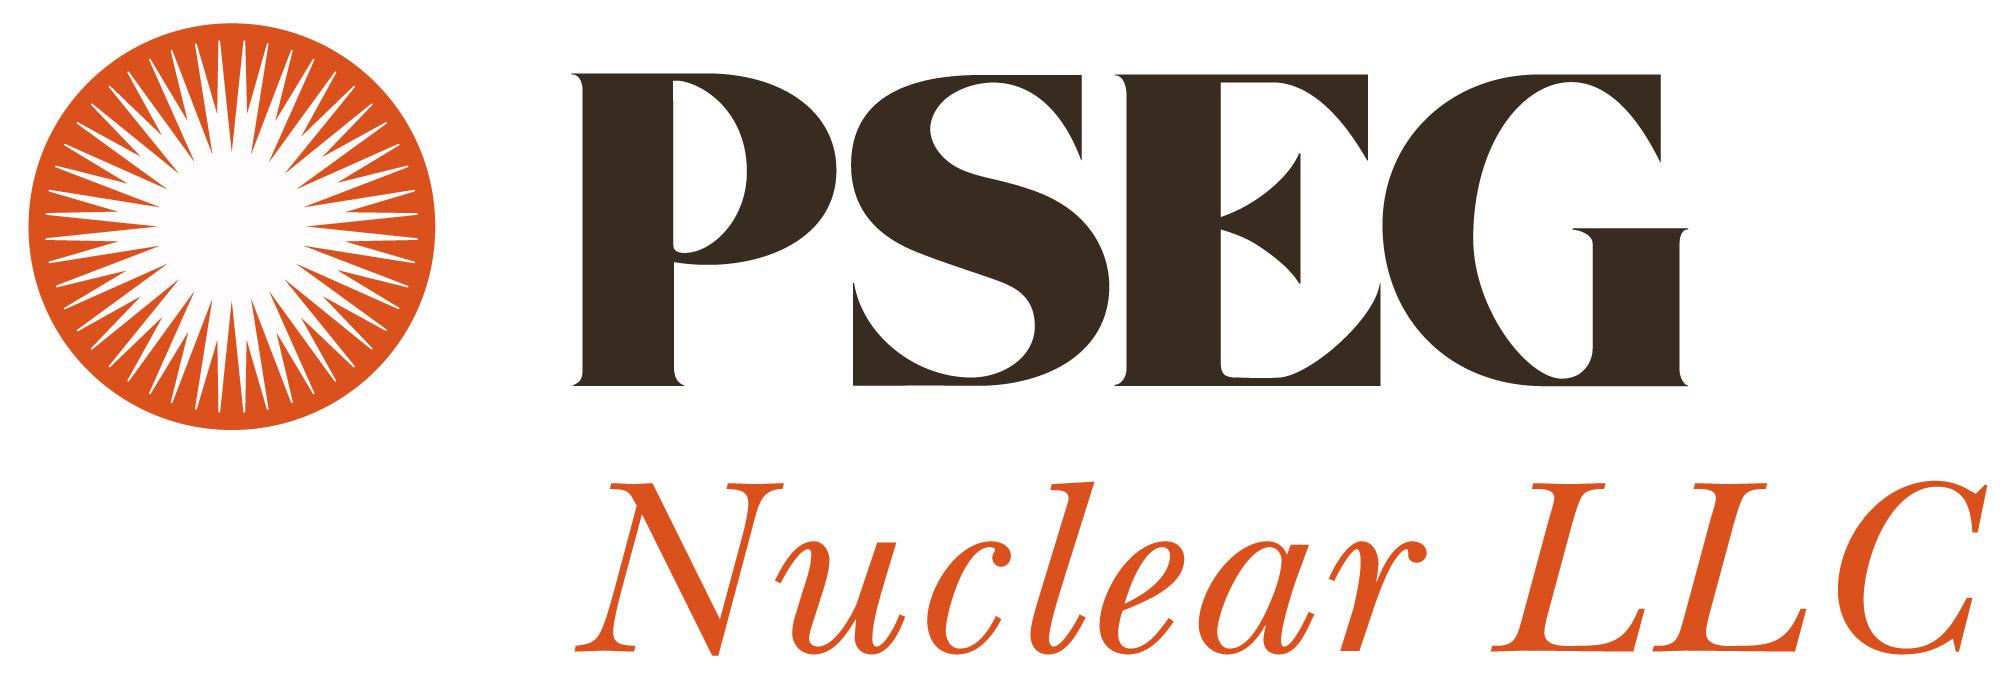 PSEG Nuclear